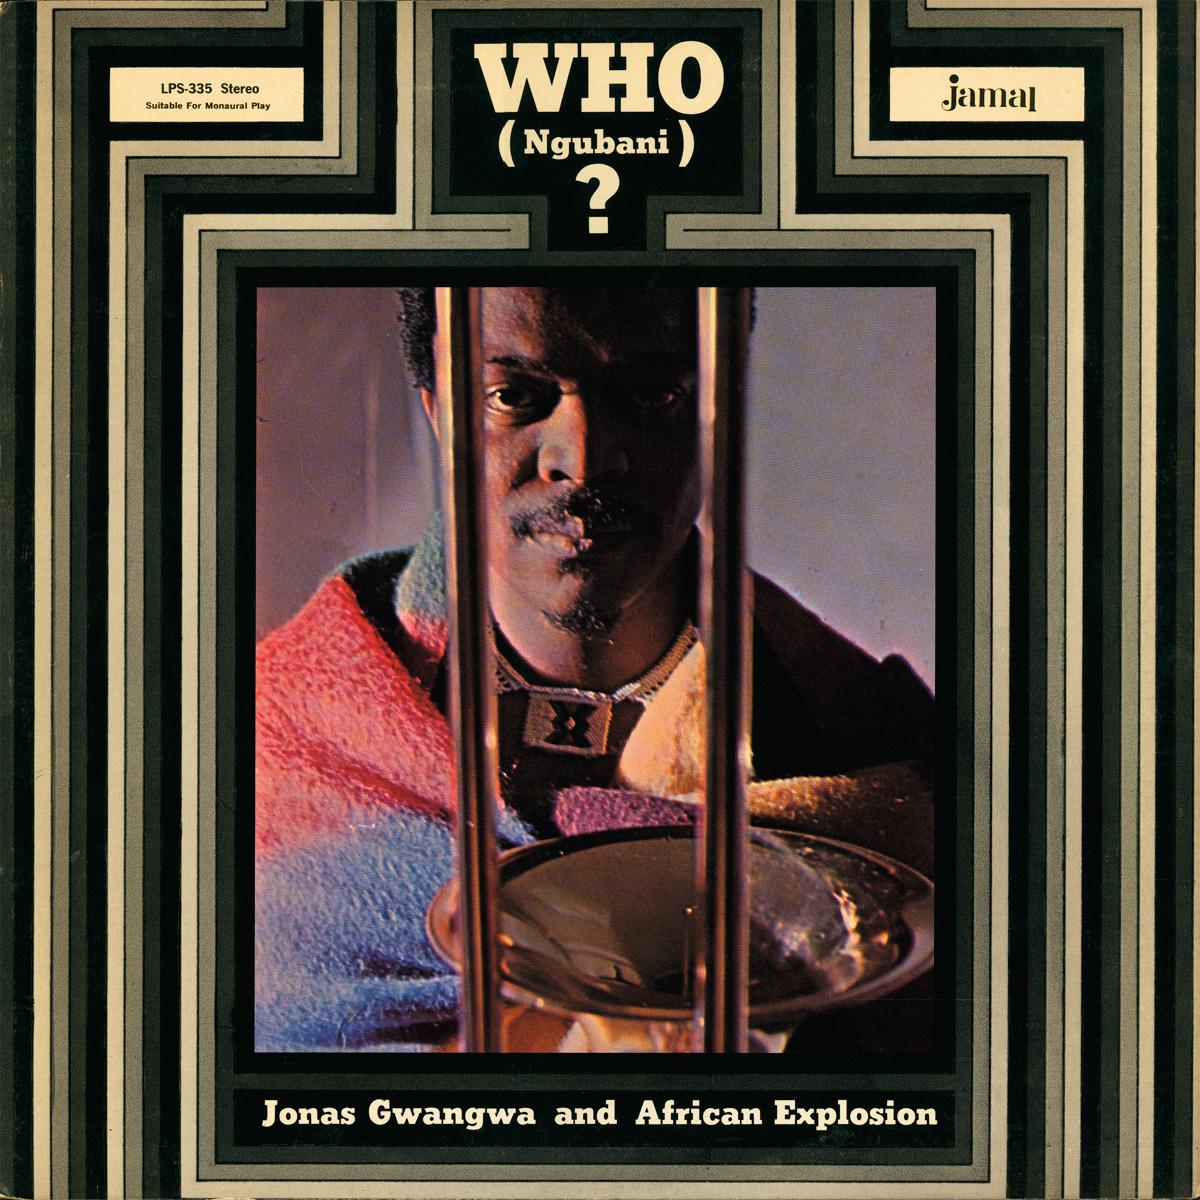 Jonas Gwangwa & African Explosion - Who (Ngubani)?